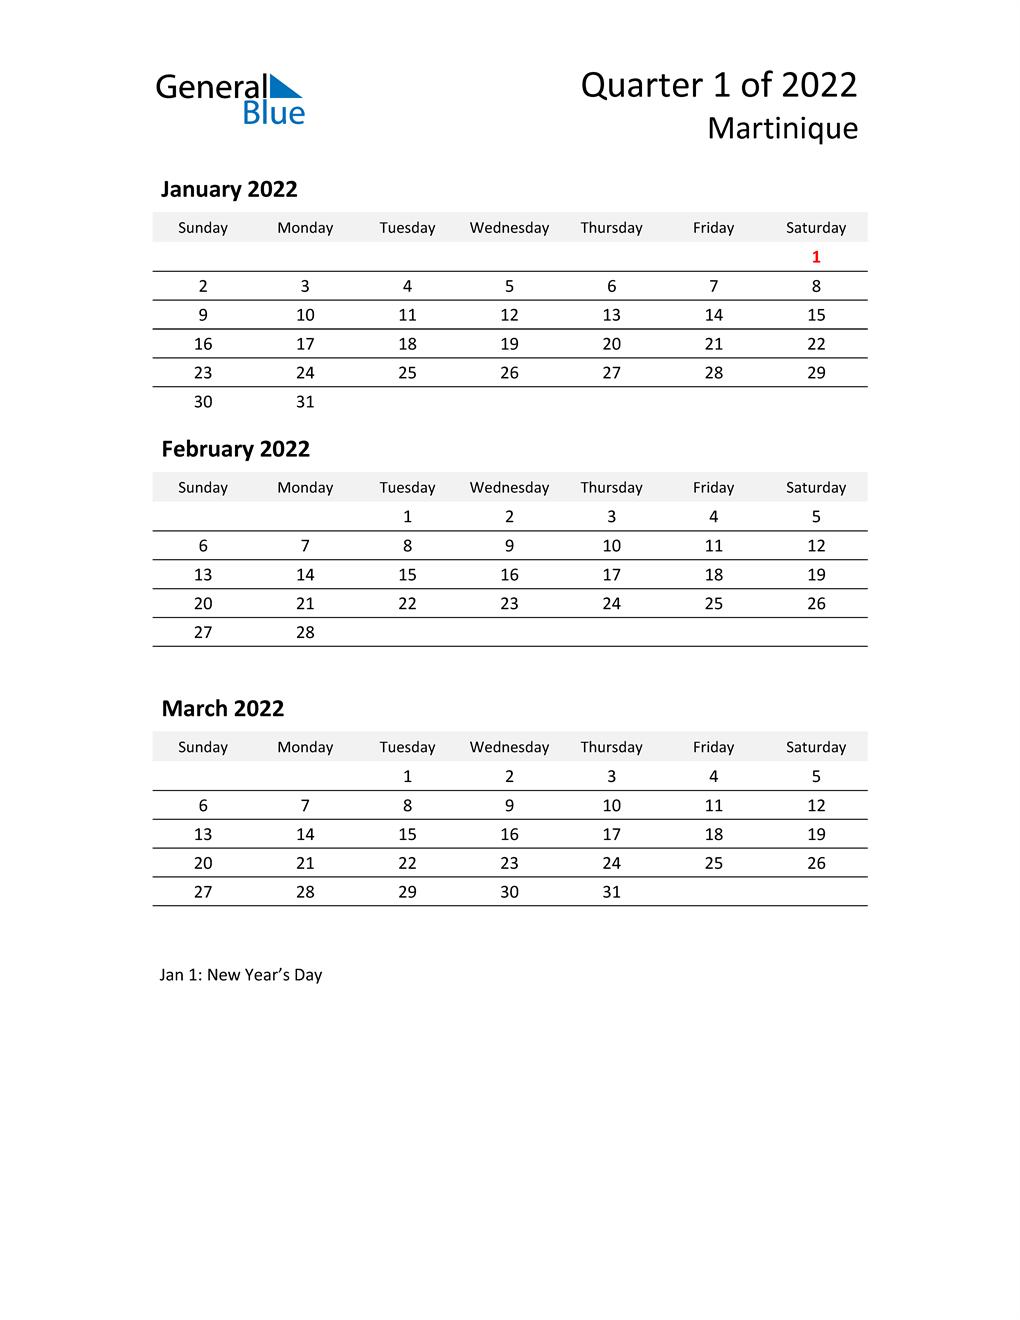 2022 Three-Month Calendar for Martinique